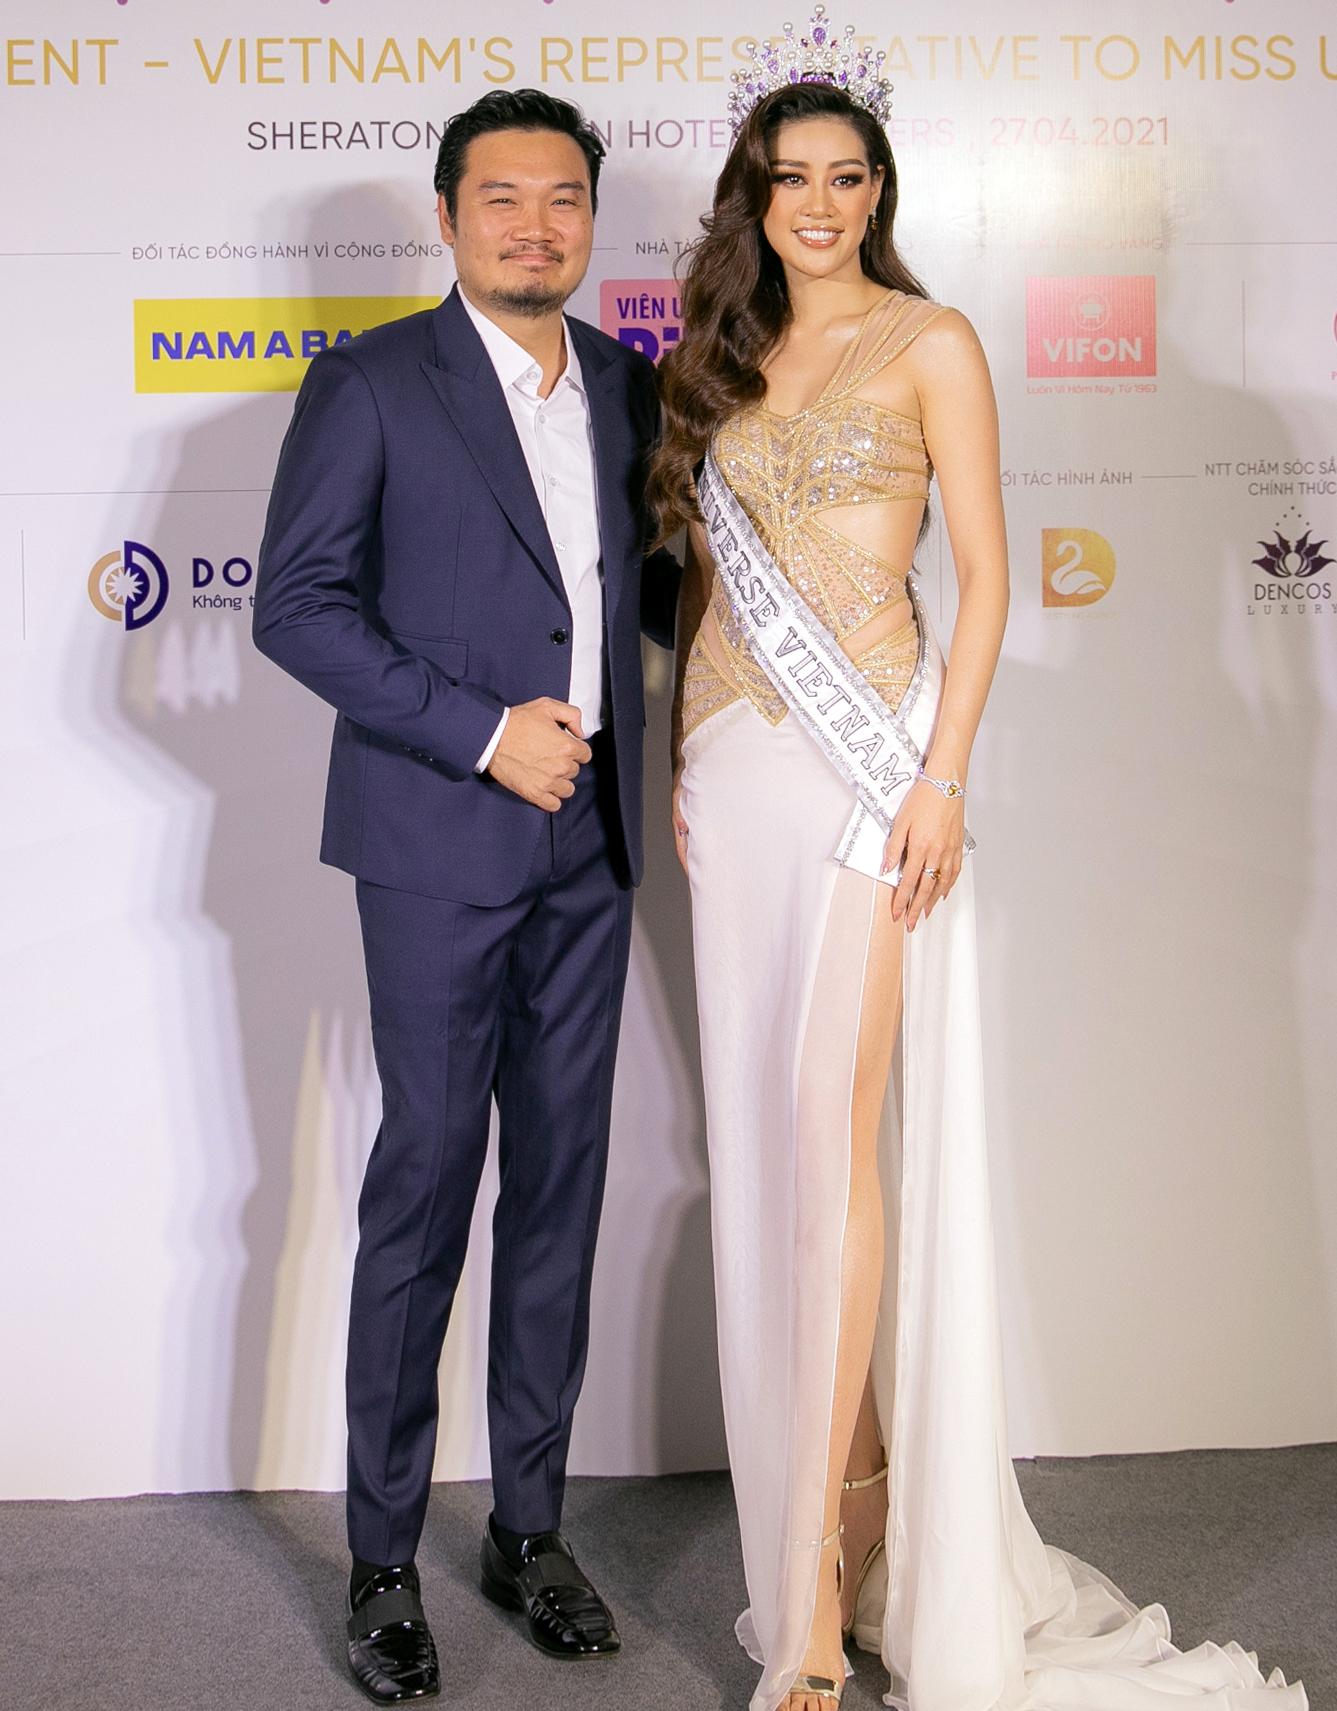 Ông Nguyễn Trung Hùng và Hoa hậu Khánh Vân.